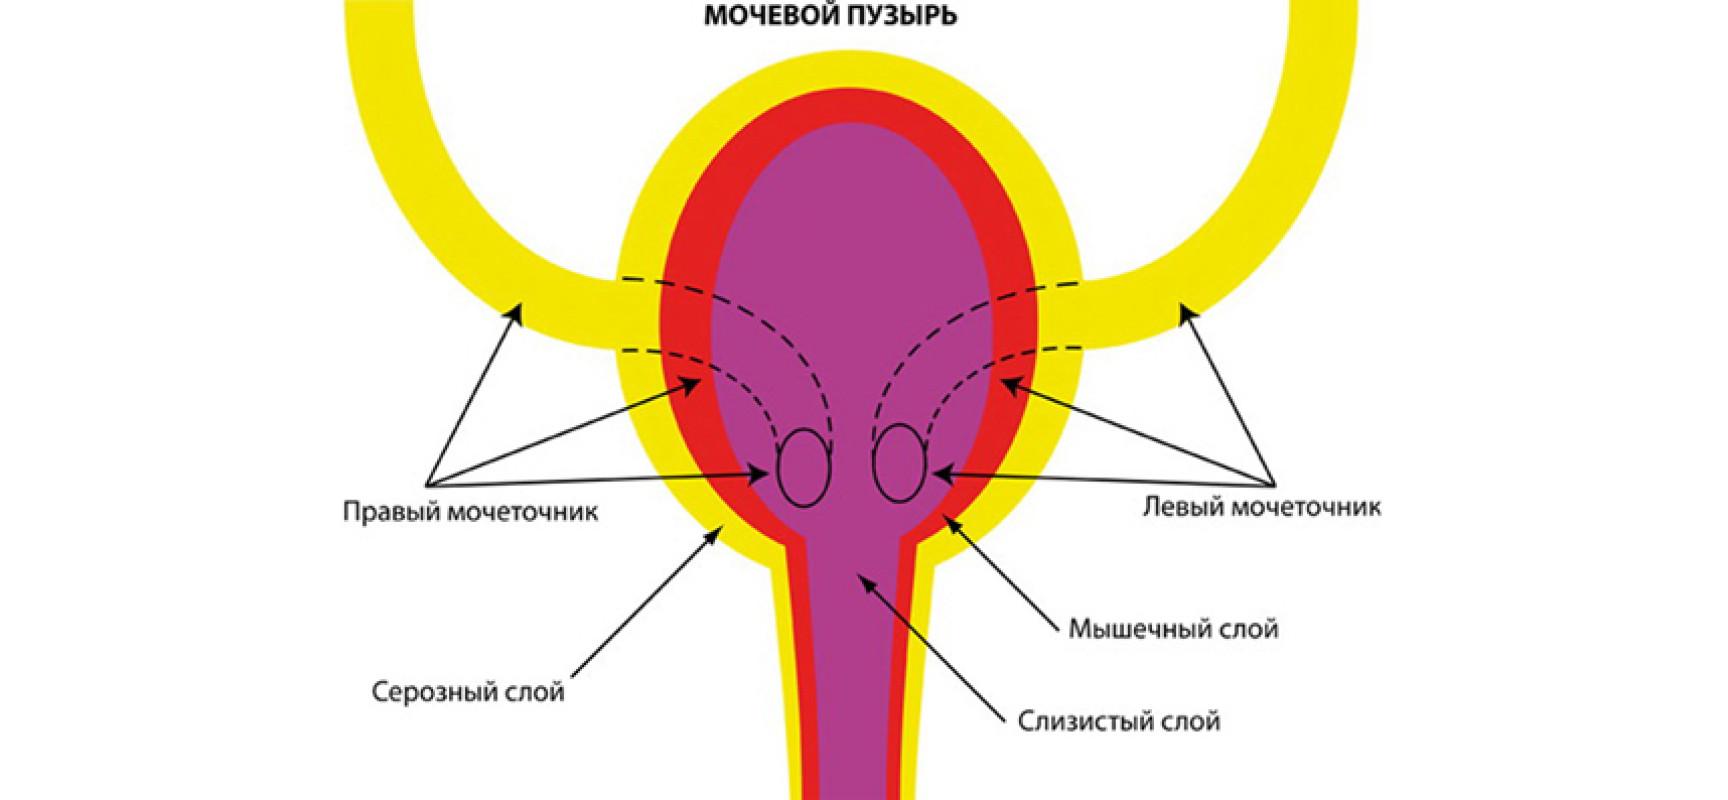 Воспаление мочевого пузыря симптомы 14 фотография